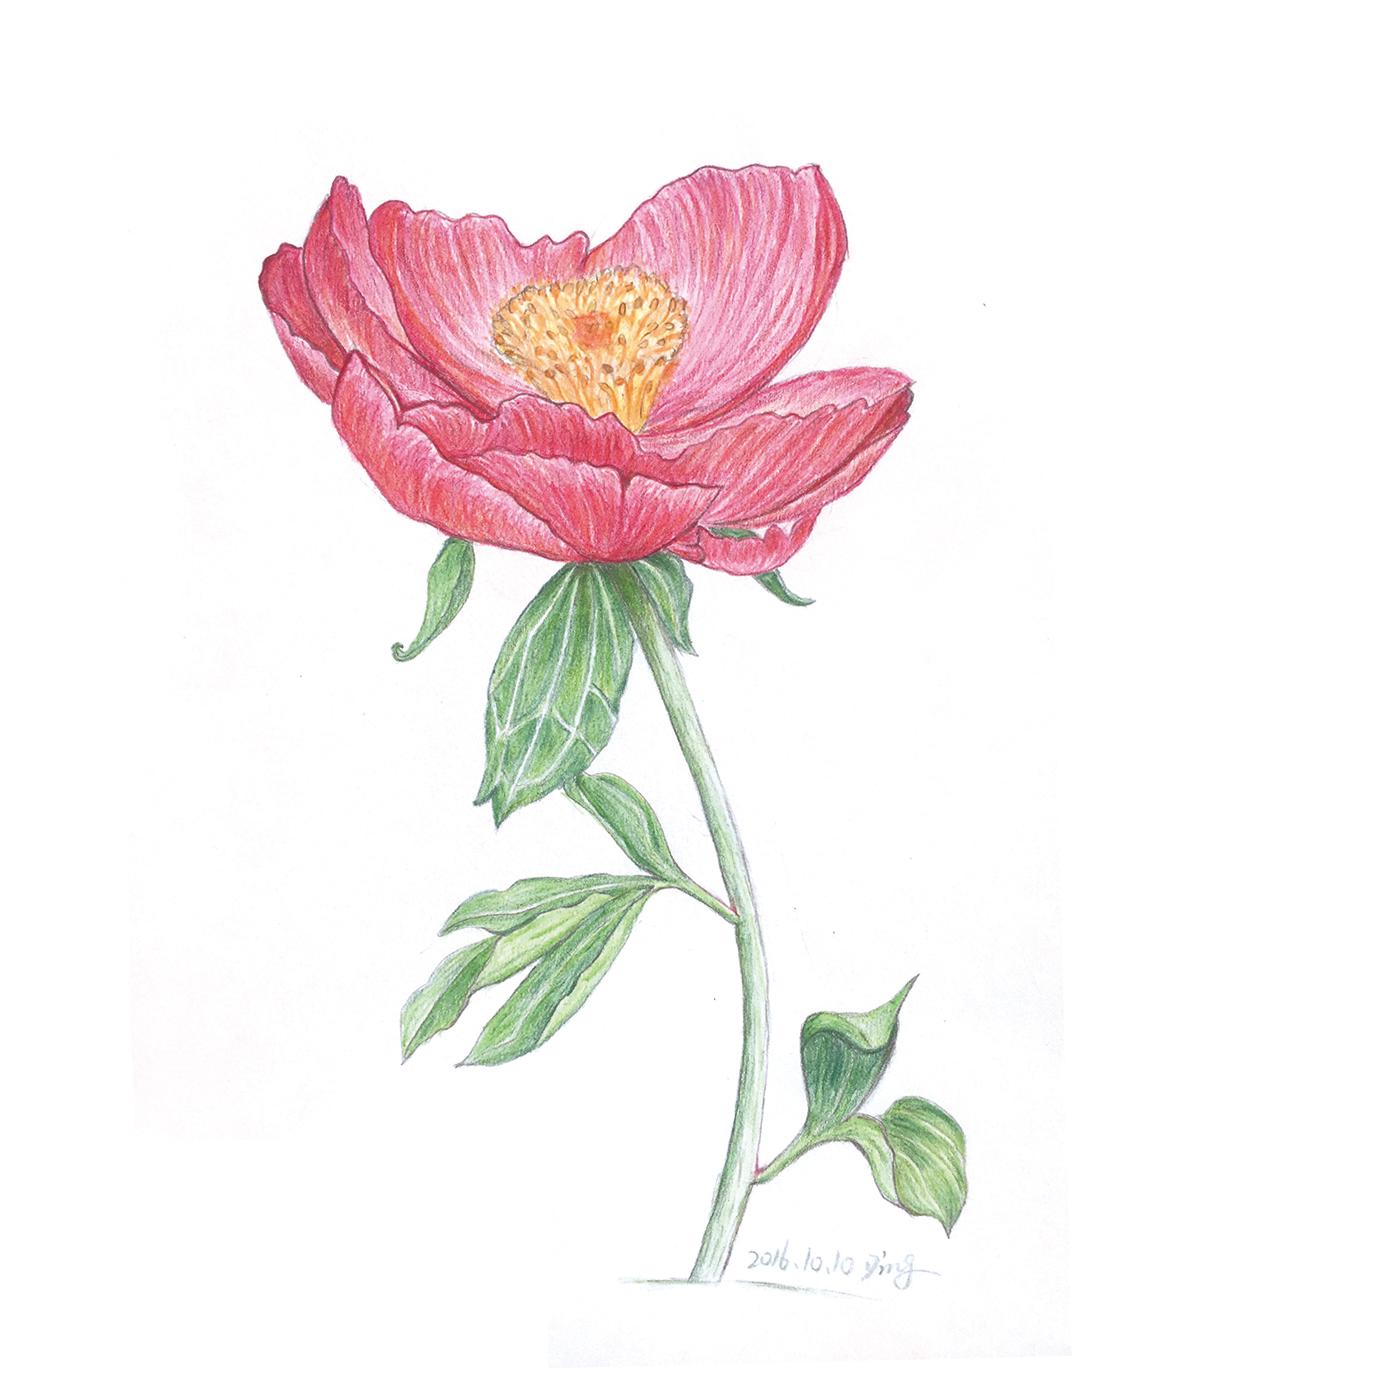 彩铅-芍药花,香豌豆